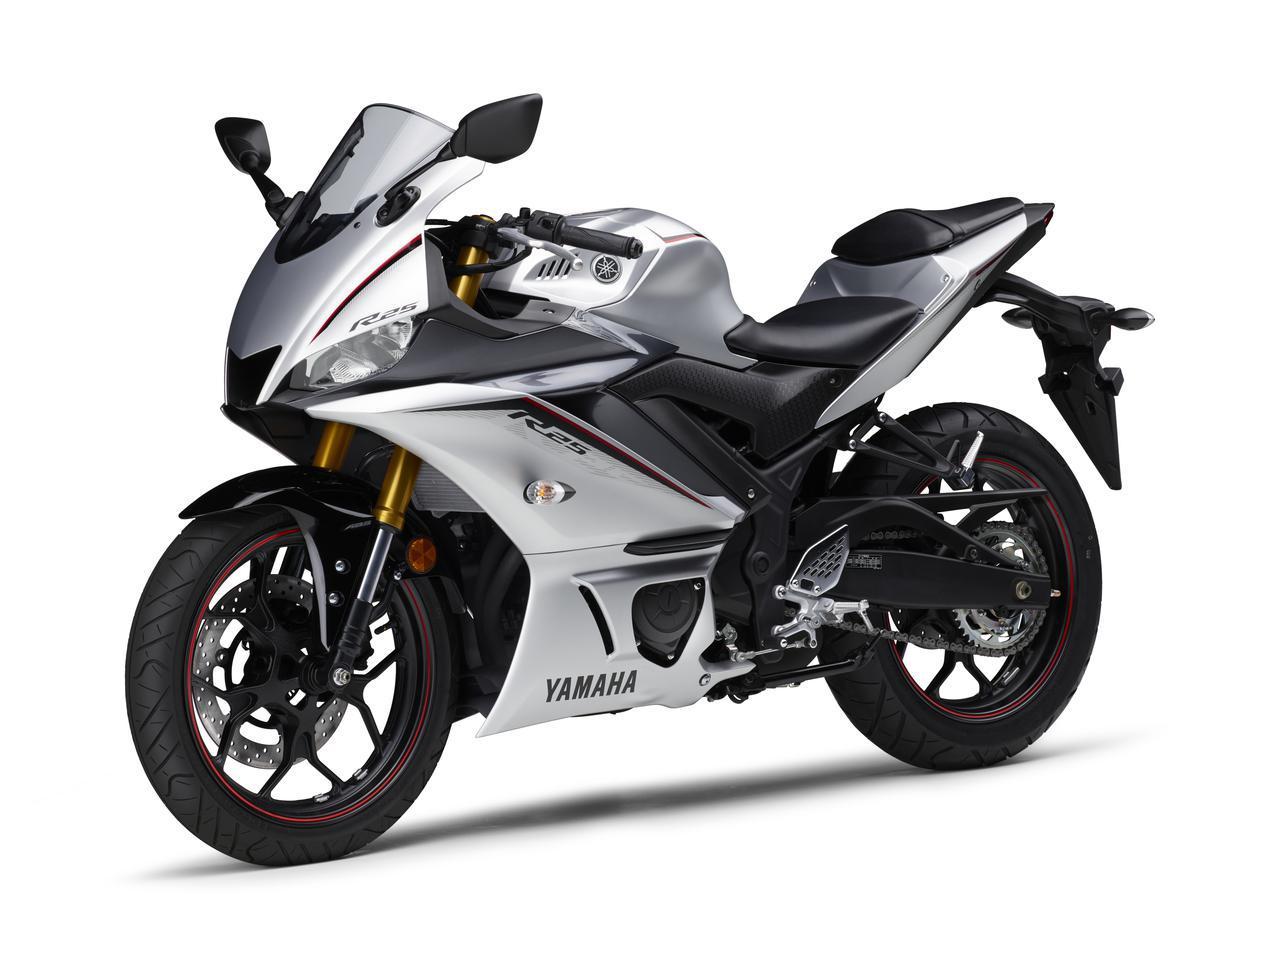 画像22: ヤマハ「YZF-R25/ABS」「YZF-R3 ABS」の2020年モデルが2月14日(金)発売! 3色展開で、すべてニューカラー!